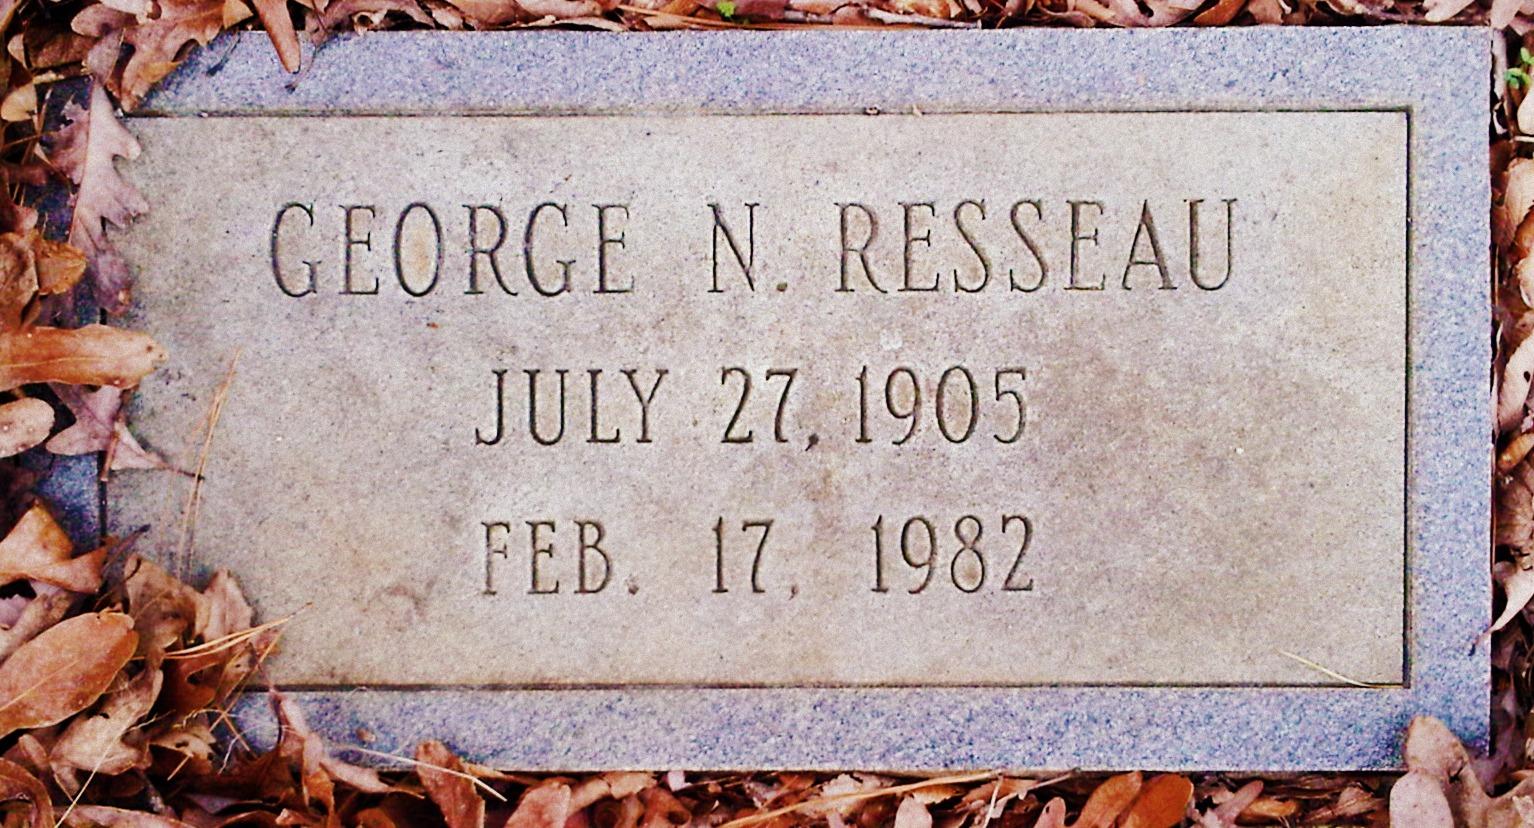 George N Resseau